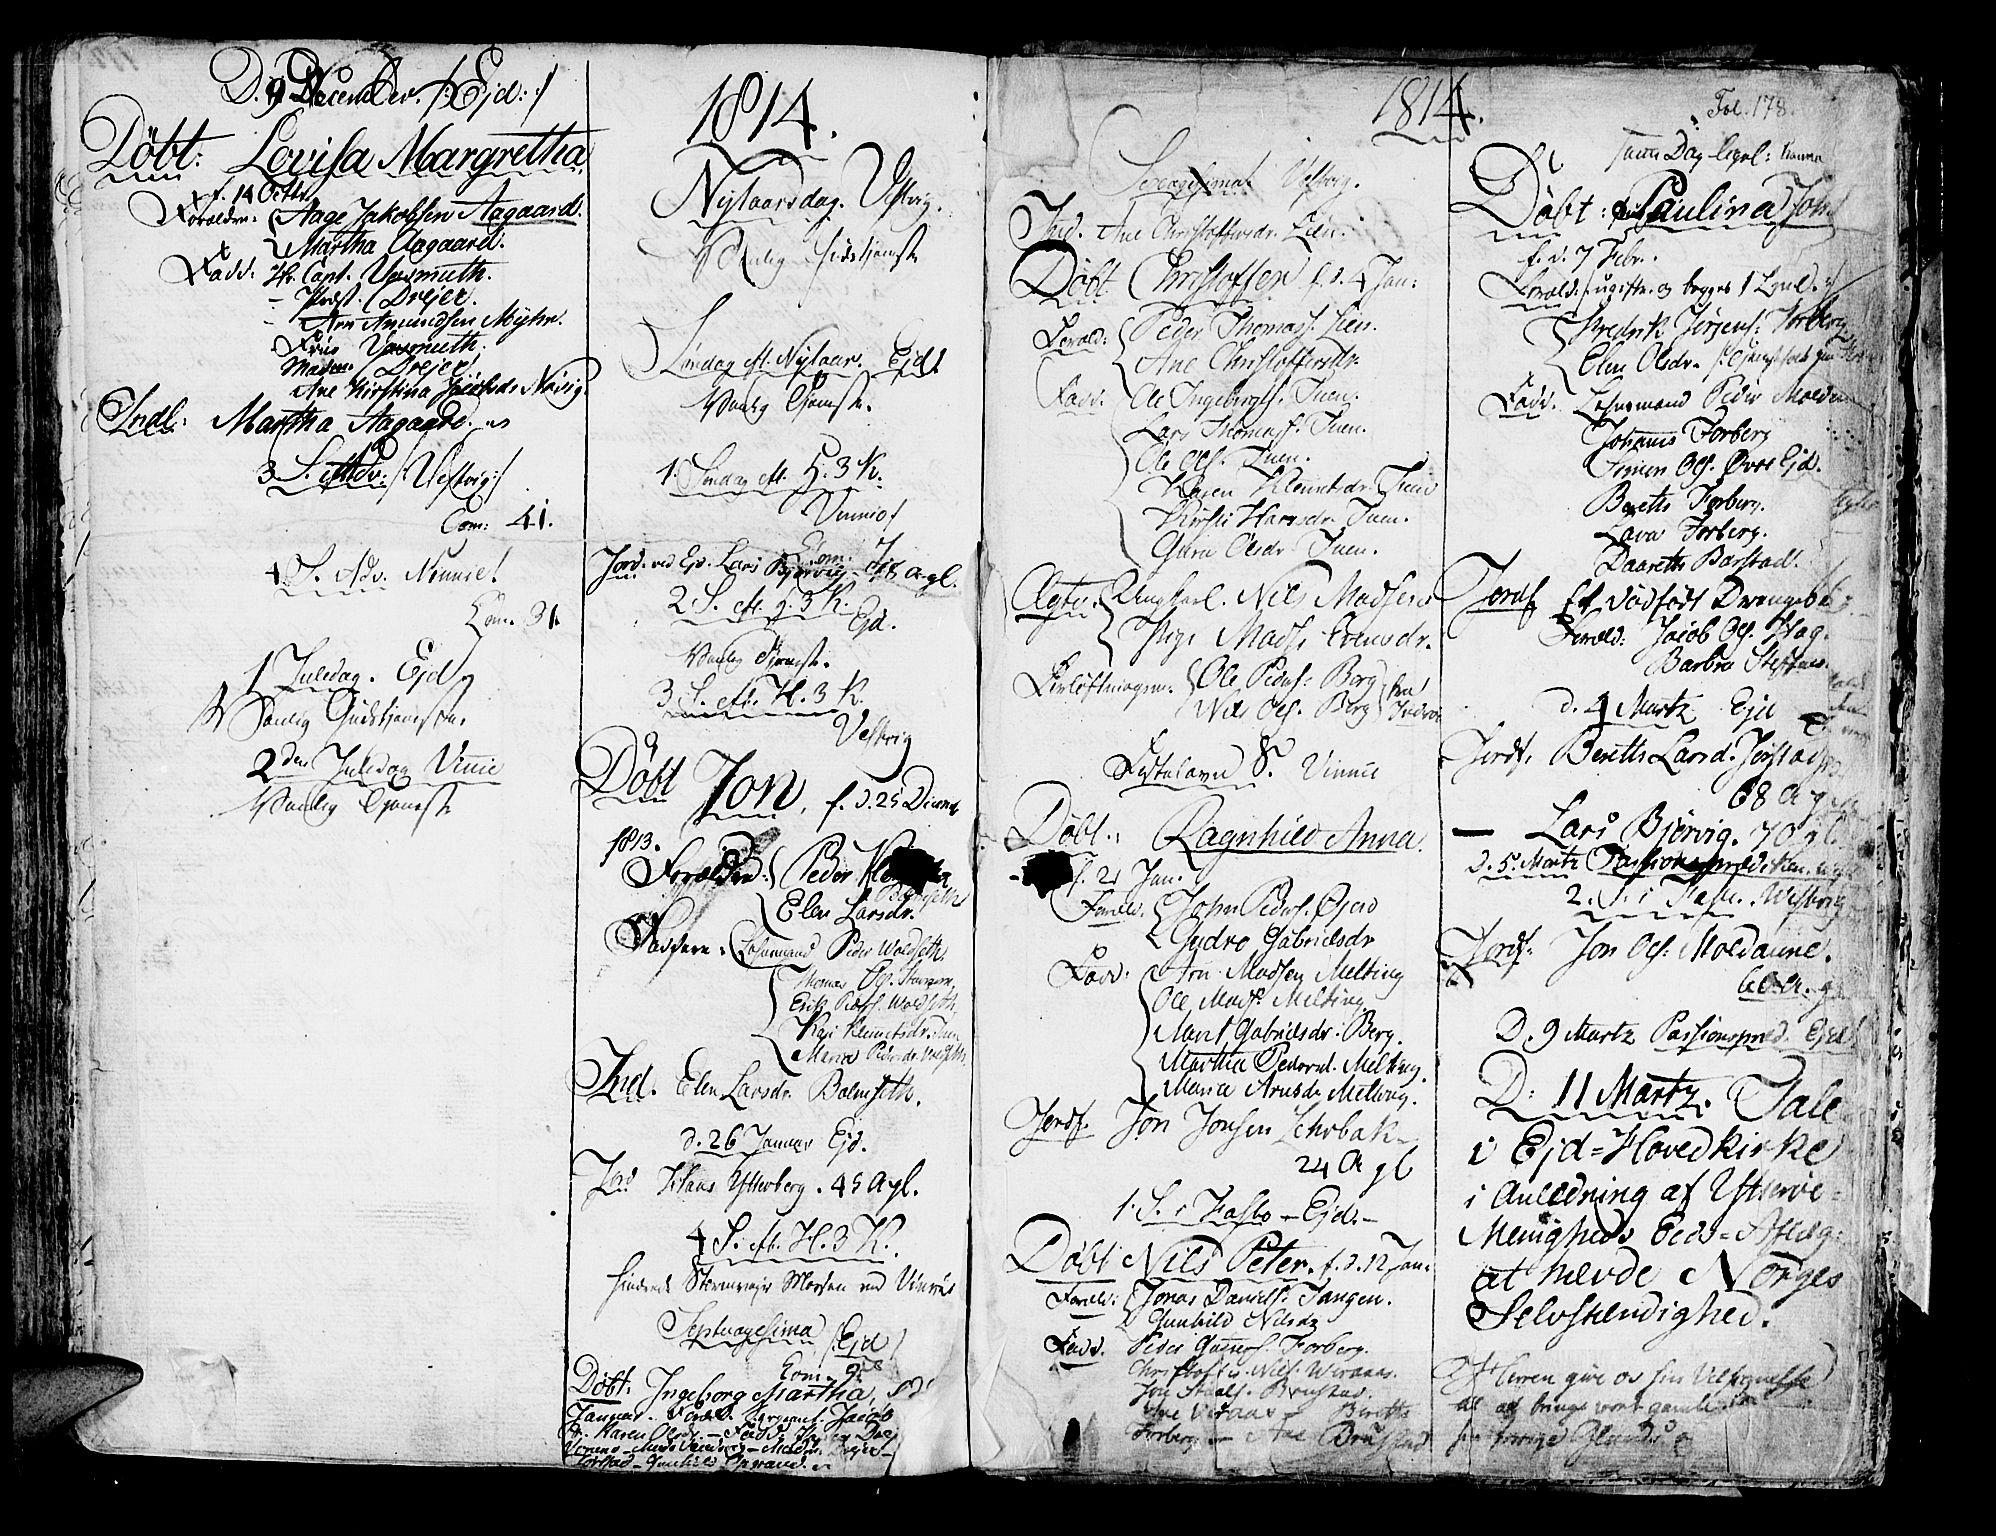 SAT, Ministerialprotokoller, klokkerbøker og fødselsregistre - Nord-Trøndelag, 722/L0216: Ministerialbok nr. 722A03, 1756-1816, s. 178